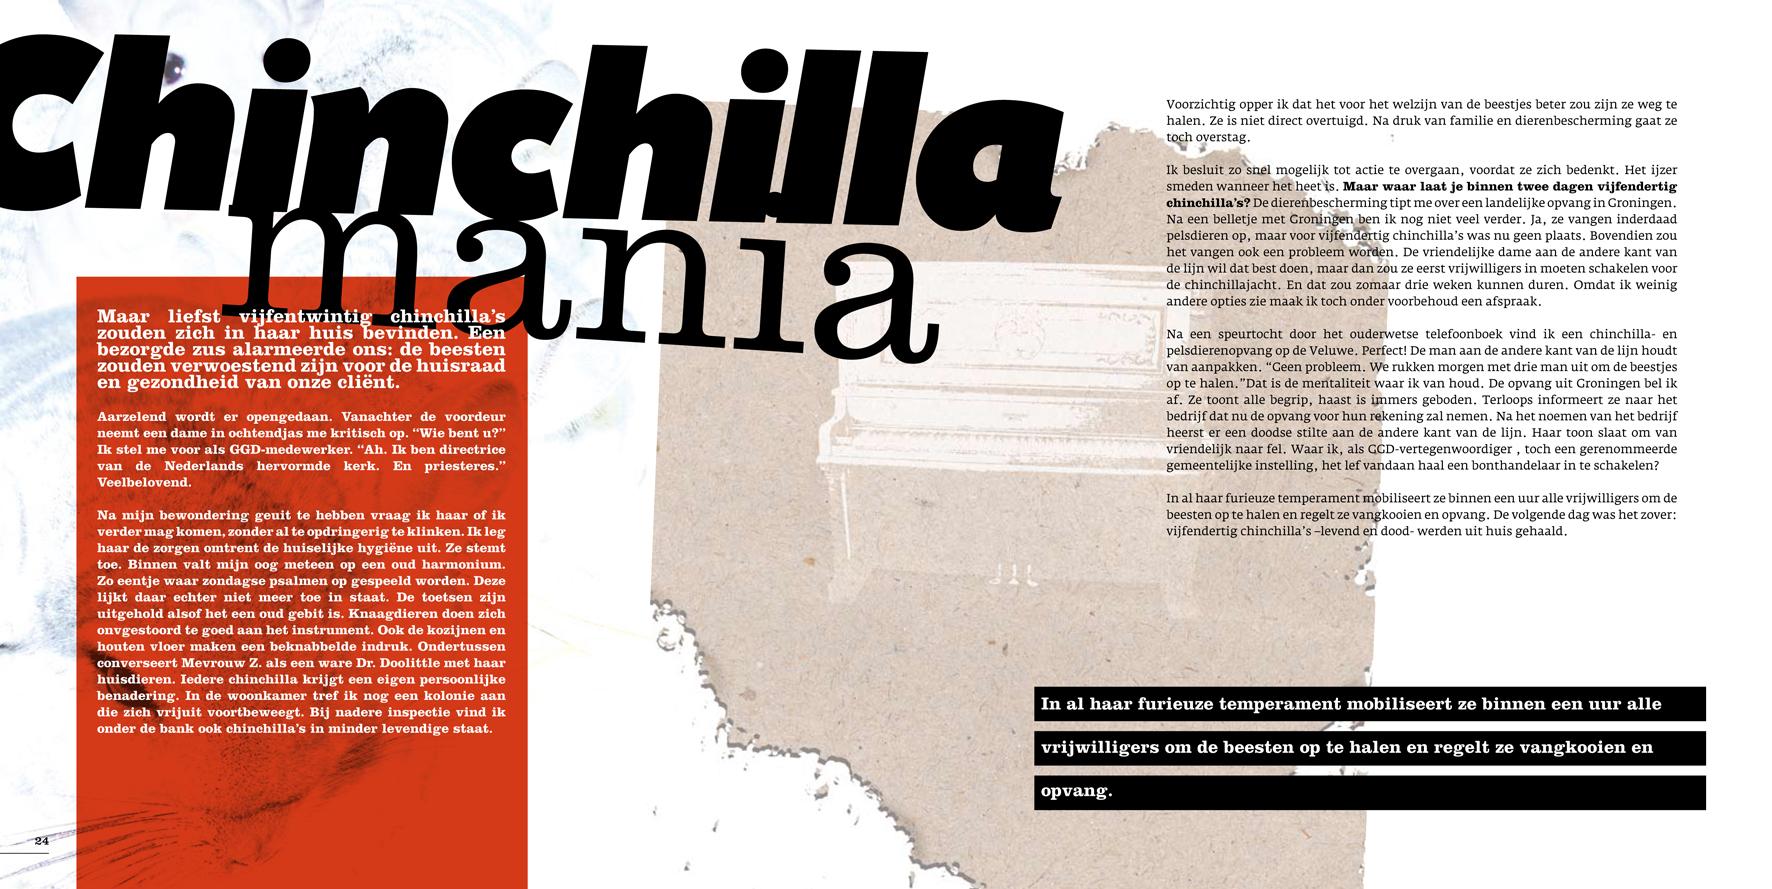 chinchilla mania